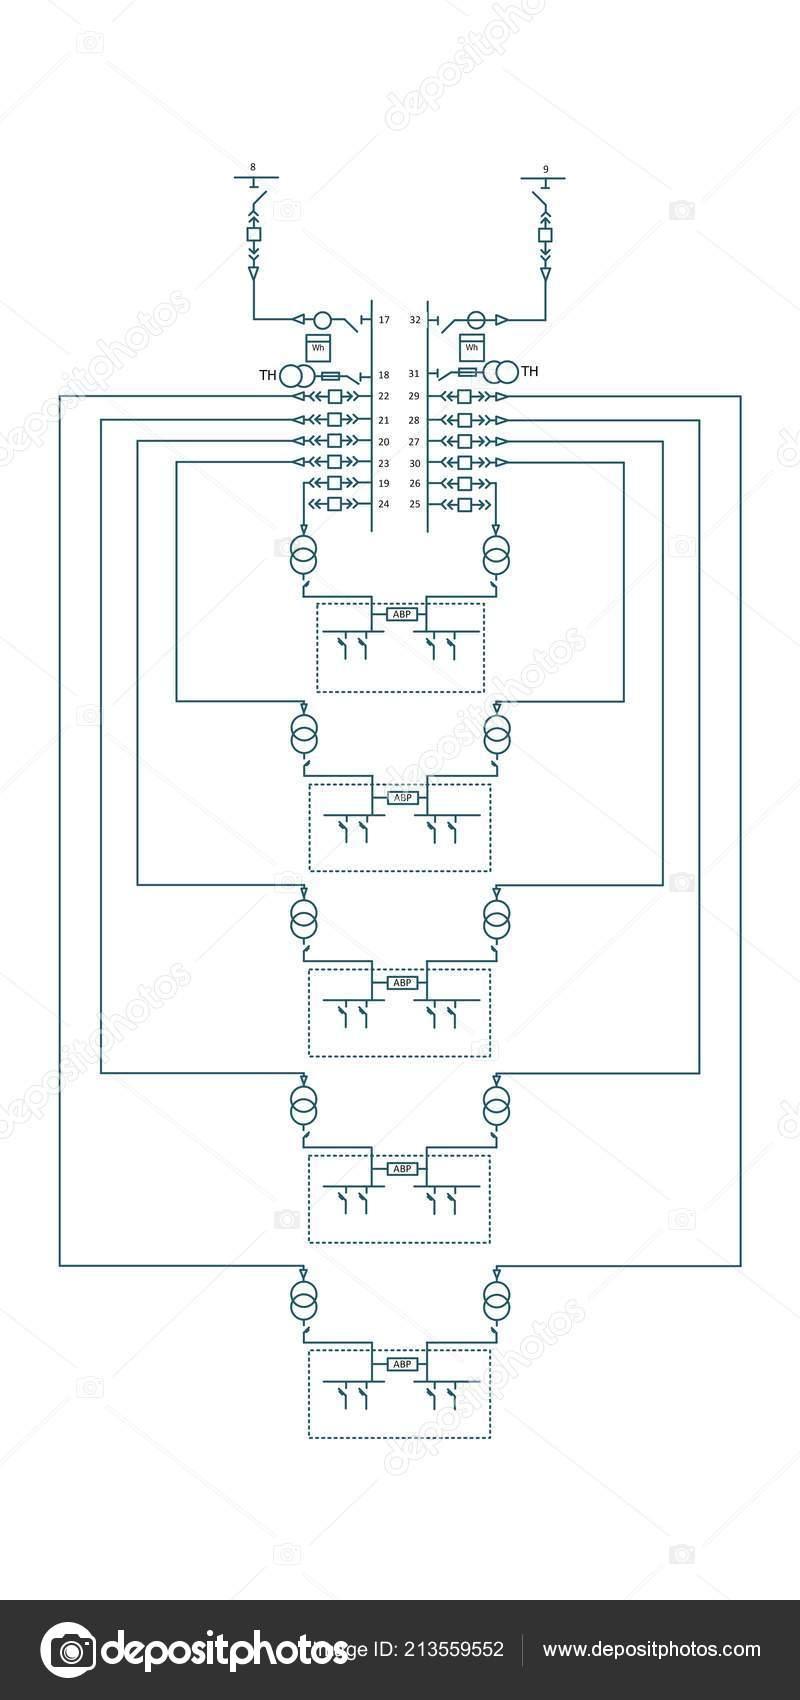 Schema Elettrico Wiring Diagram : Schema cablaggio elettrico trasformatori potenza u foto stock